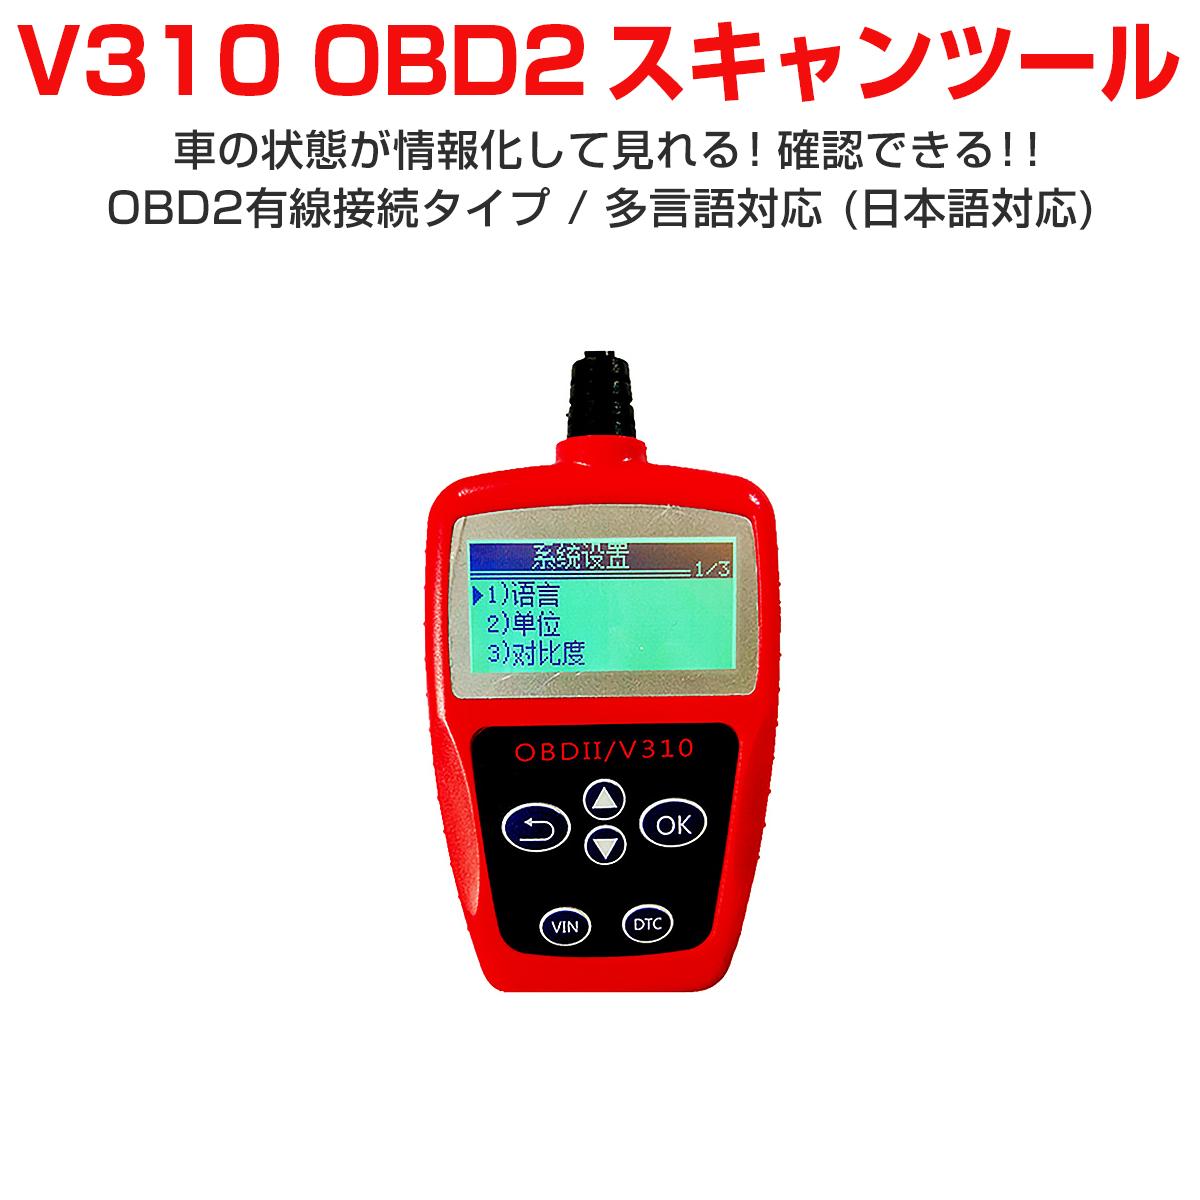 OBD2汎用スキャンツール カー情報診断ツール 有線 車の状態が確認できる エンジン回転数 エンジン負荷率 ブースト圧 平均燃費 水温など OBDII マルチメーター SDM便送料無料 1ヶ月保証